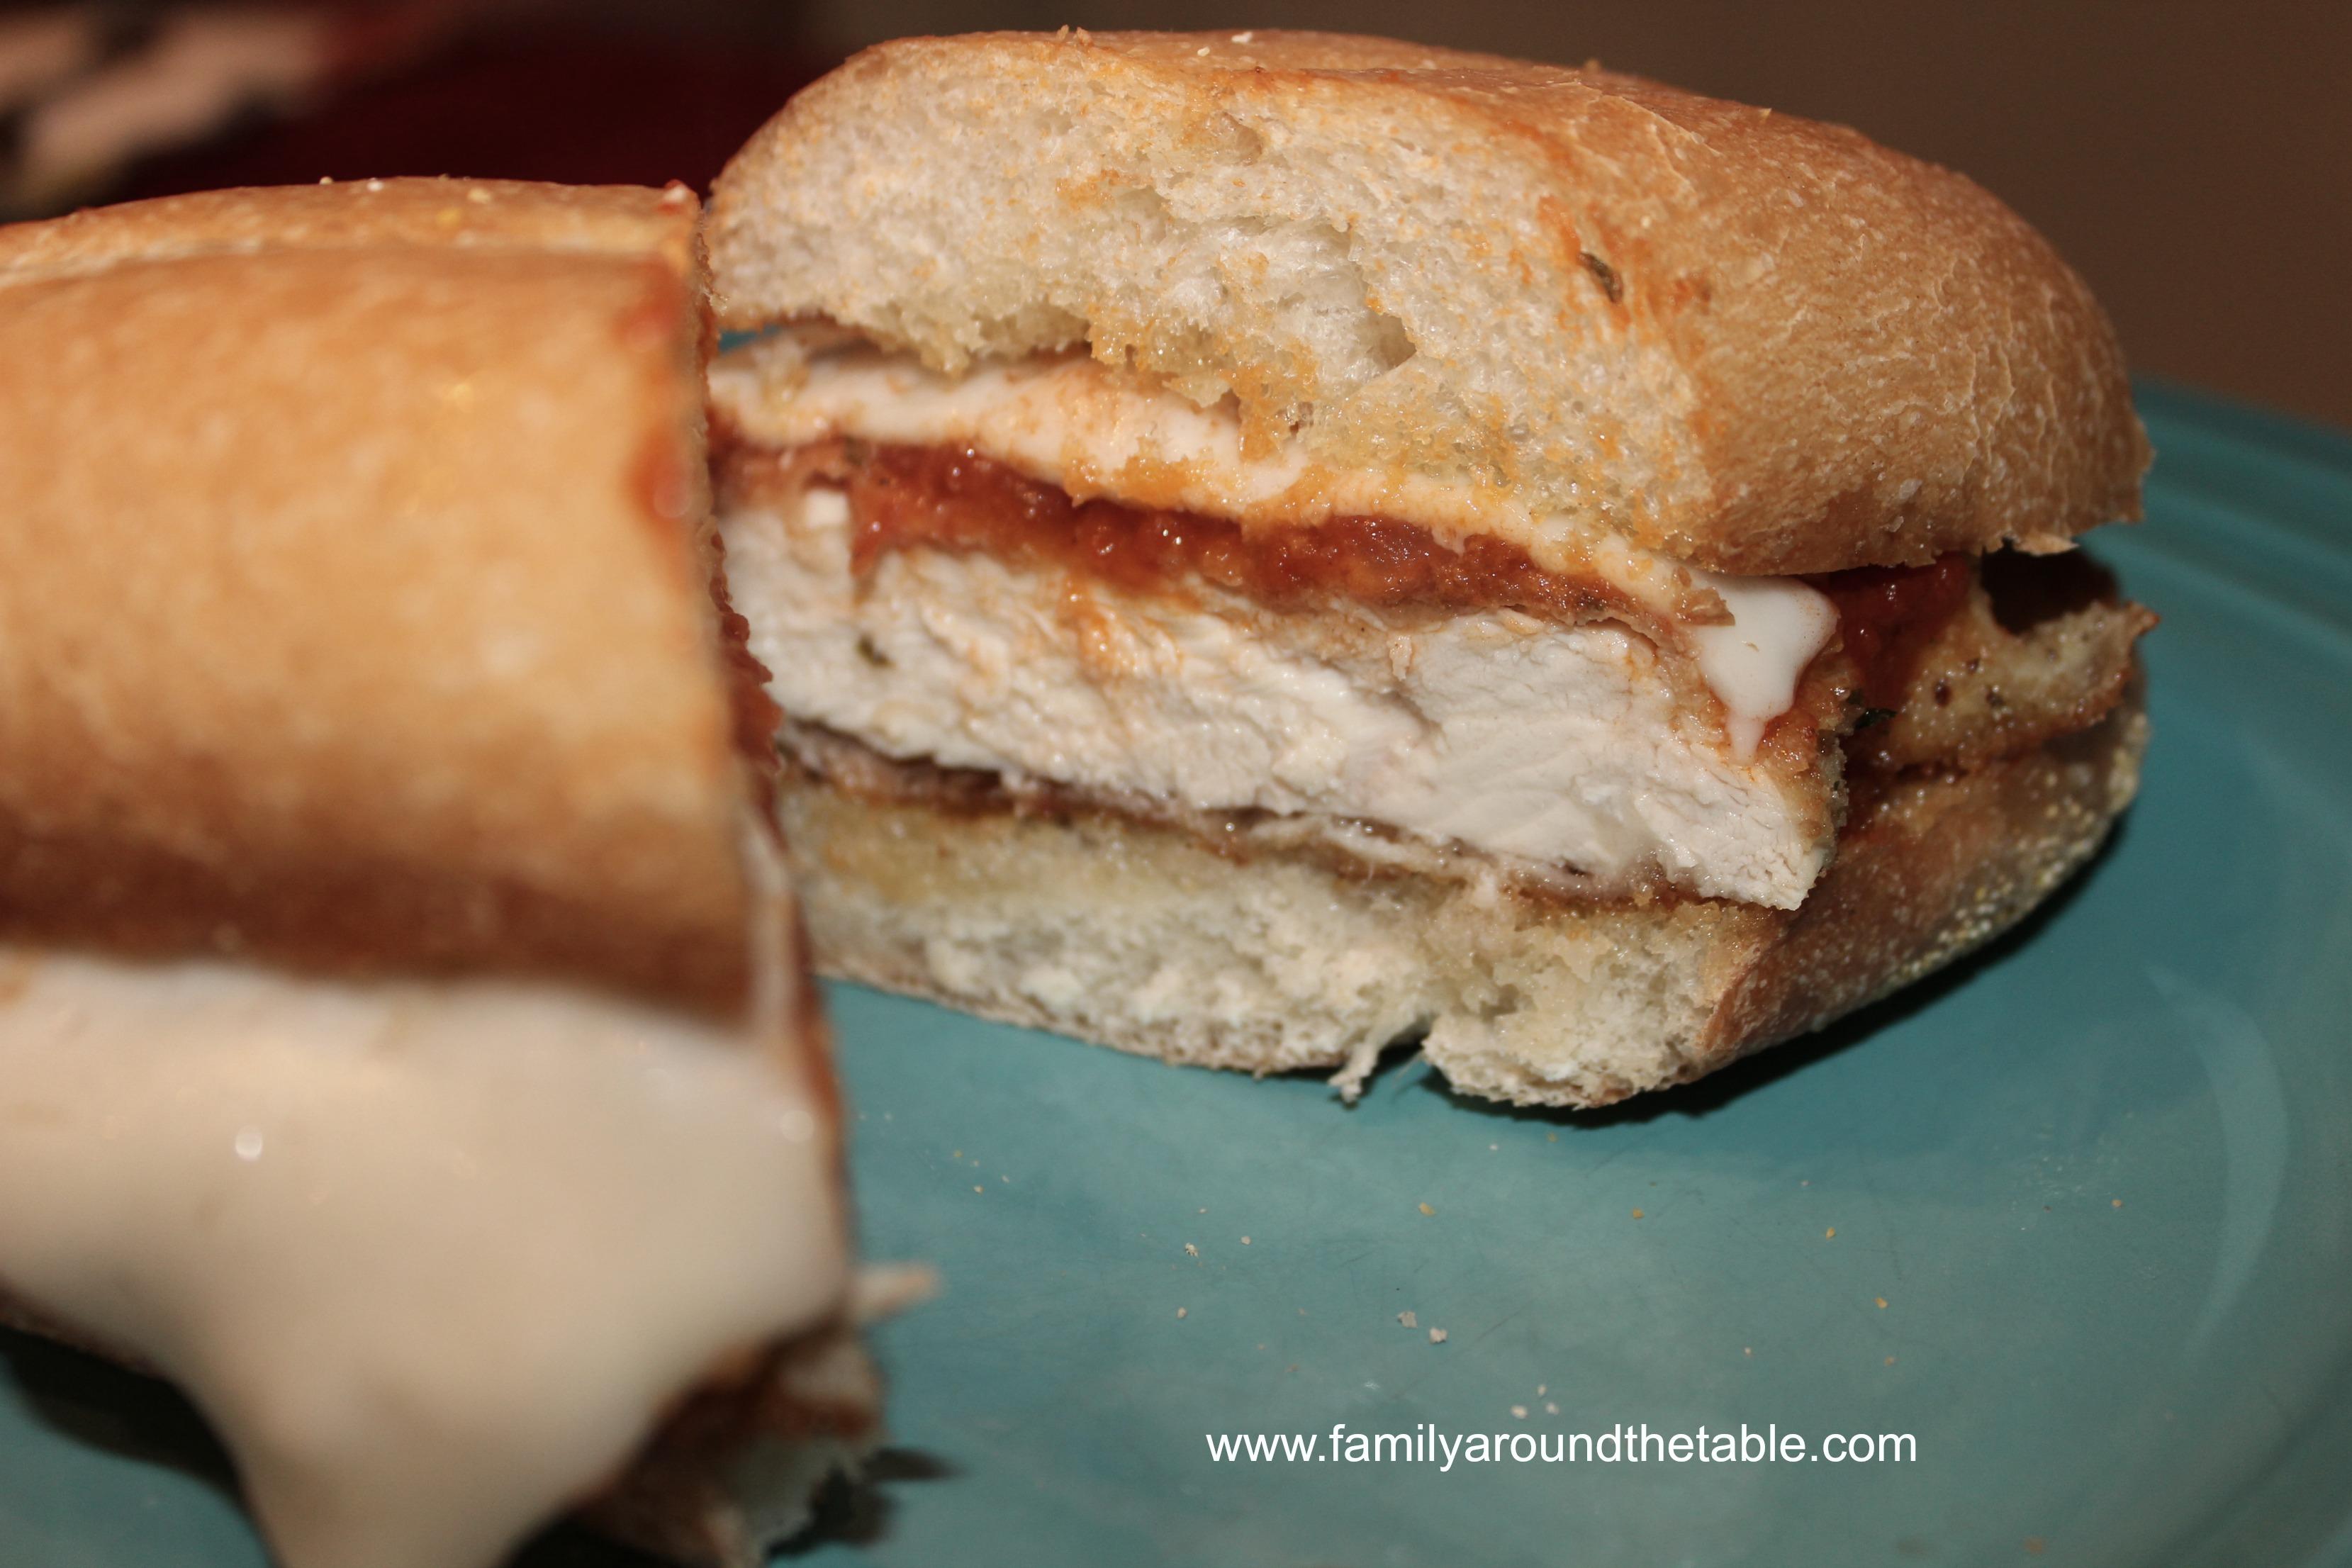 Chicken Parmesan Sandwich cut in half.